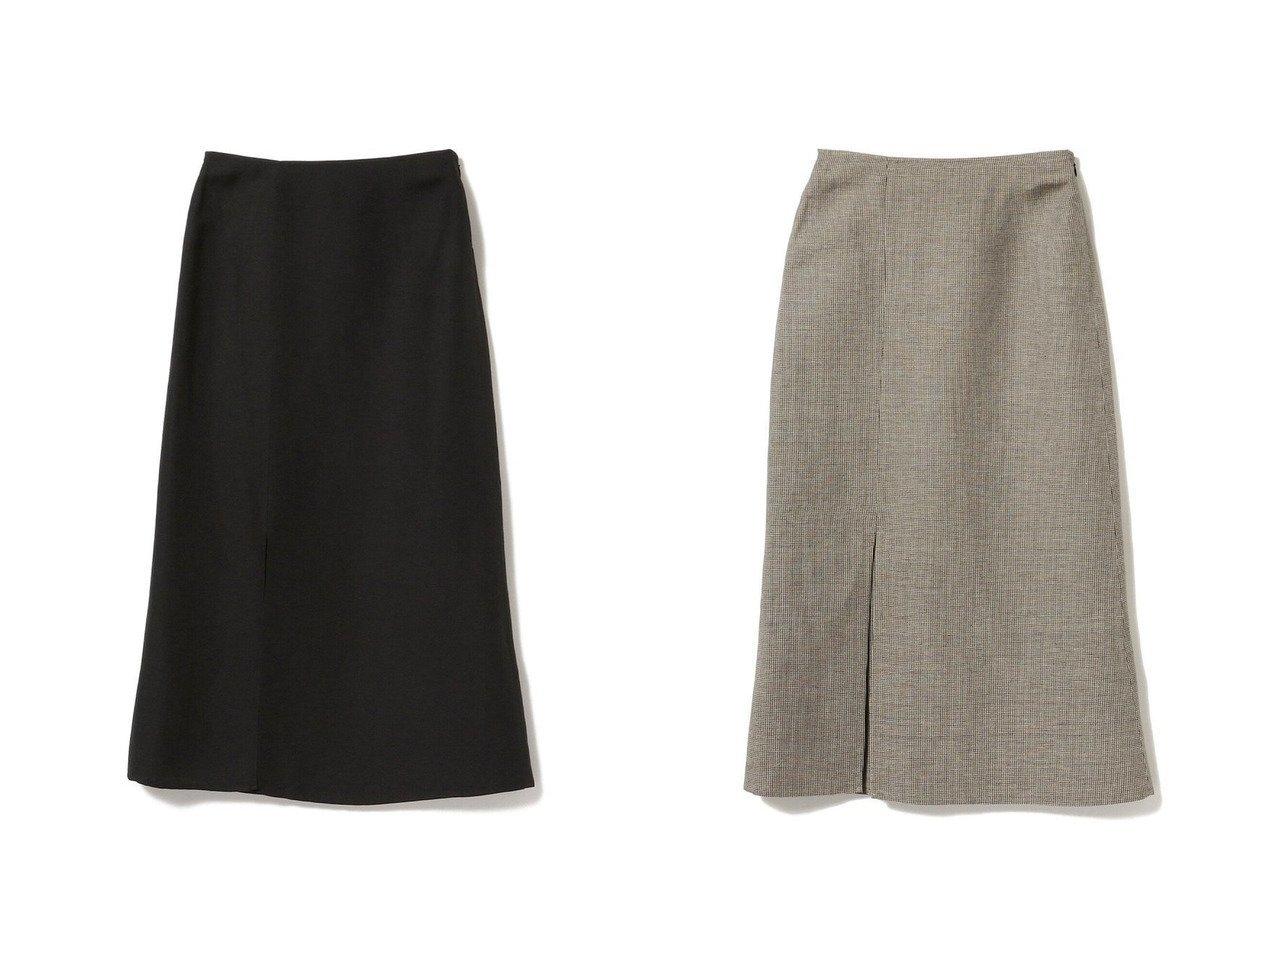 【Demi-Luxe BEAMS/デミルクス ビームス】のDemi- リネンレーヨン スリットスカート 【スカート】おすすめ!人気、トレンド・レディースファッションの通販 おすすめで人気の流行・トレンド、ファッションの通販商品 インテリア・家具・メンズファッション・キッズファッション・レディースファッション・服の通販 founy(ファニー) https://founy.com/ ファッション Fashion レディースファッション WOMEN スカート Skirt ロングスカート Long Skirt NEW・新作・新着・新入荷 New Arrivals ショート スリット リネン ロング |ID:crp329100000045119